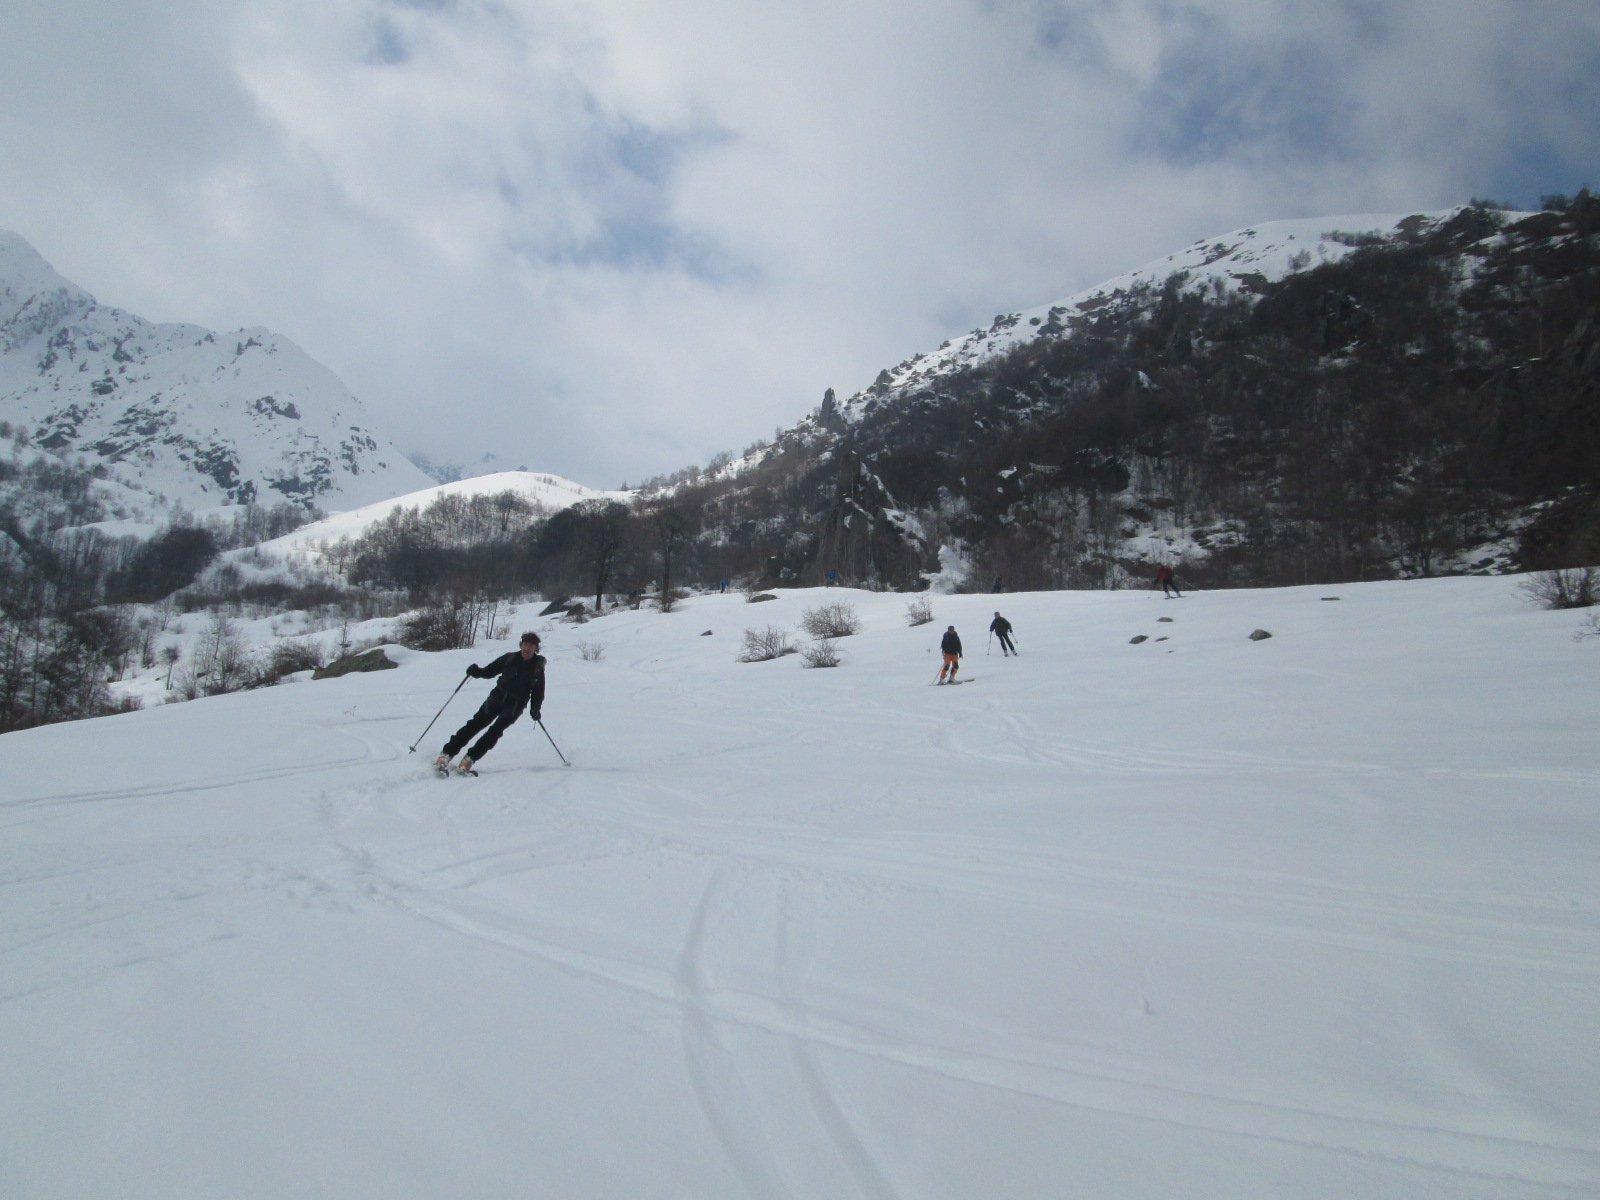 neve trasformata in basso...divertente e ben sciabile